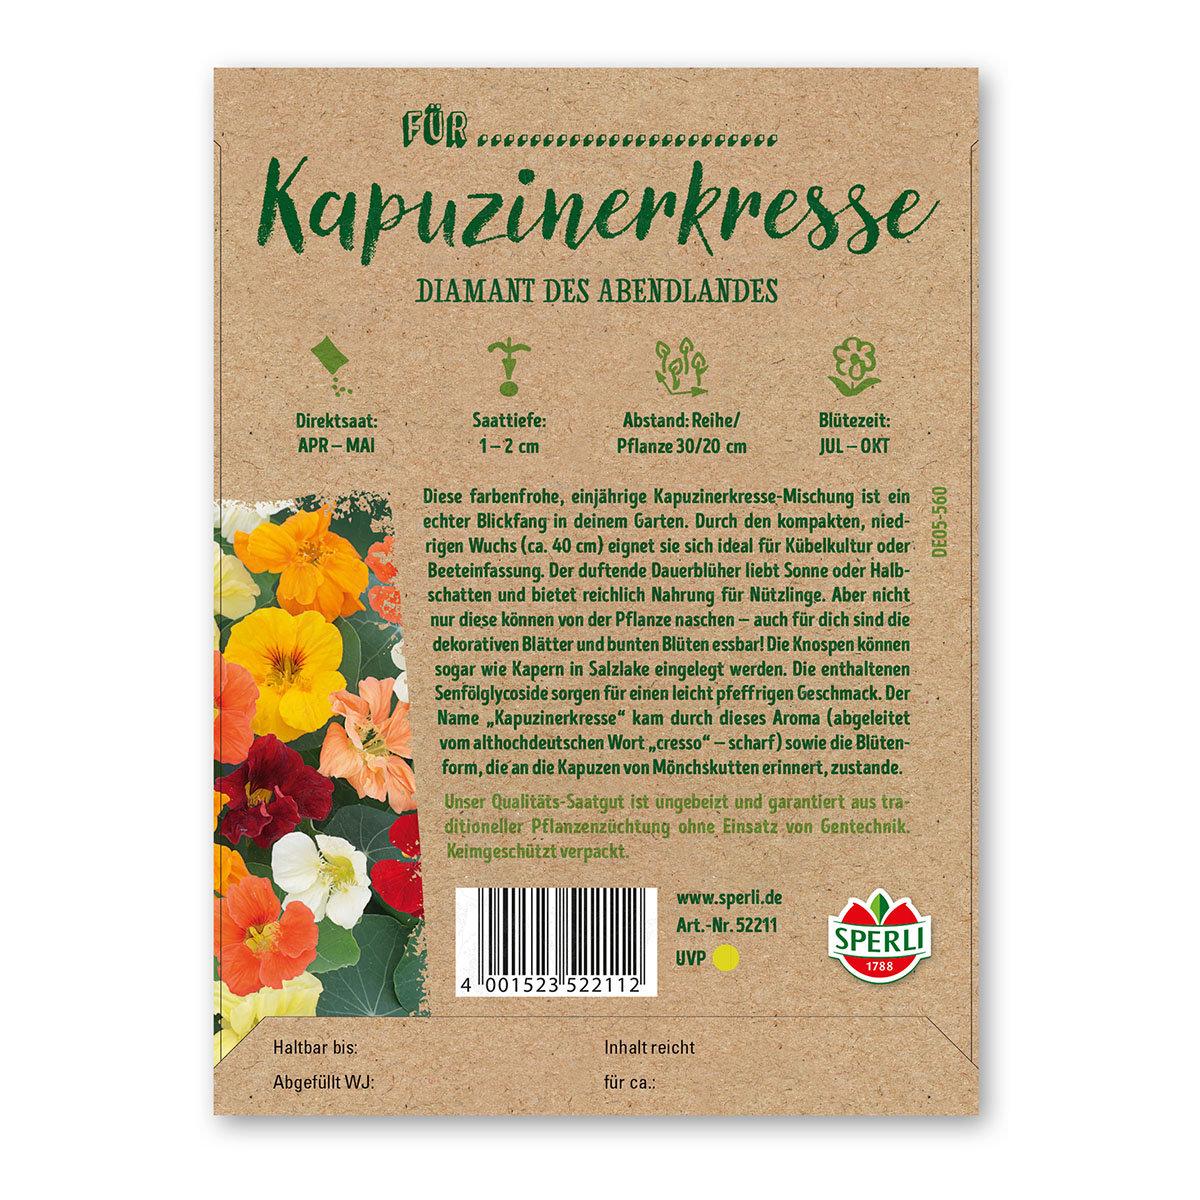 Geburtstagskarte Saatguttüte zum Verschenken - Kapuzinerkresse | #2